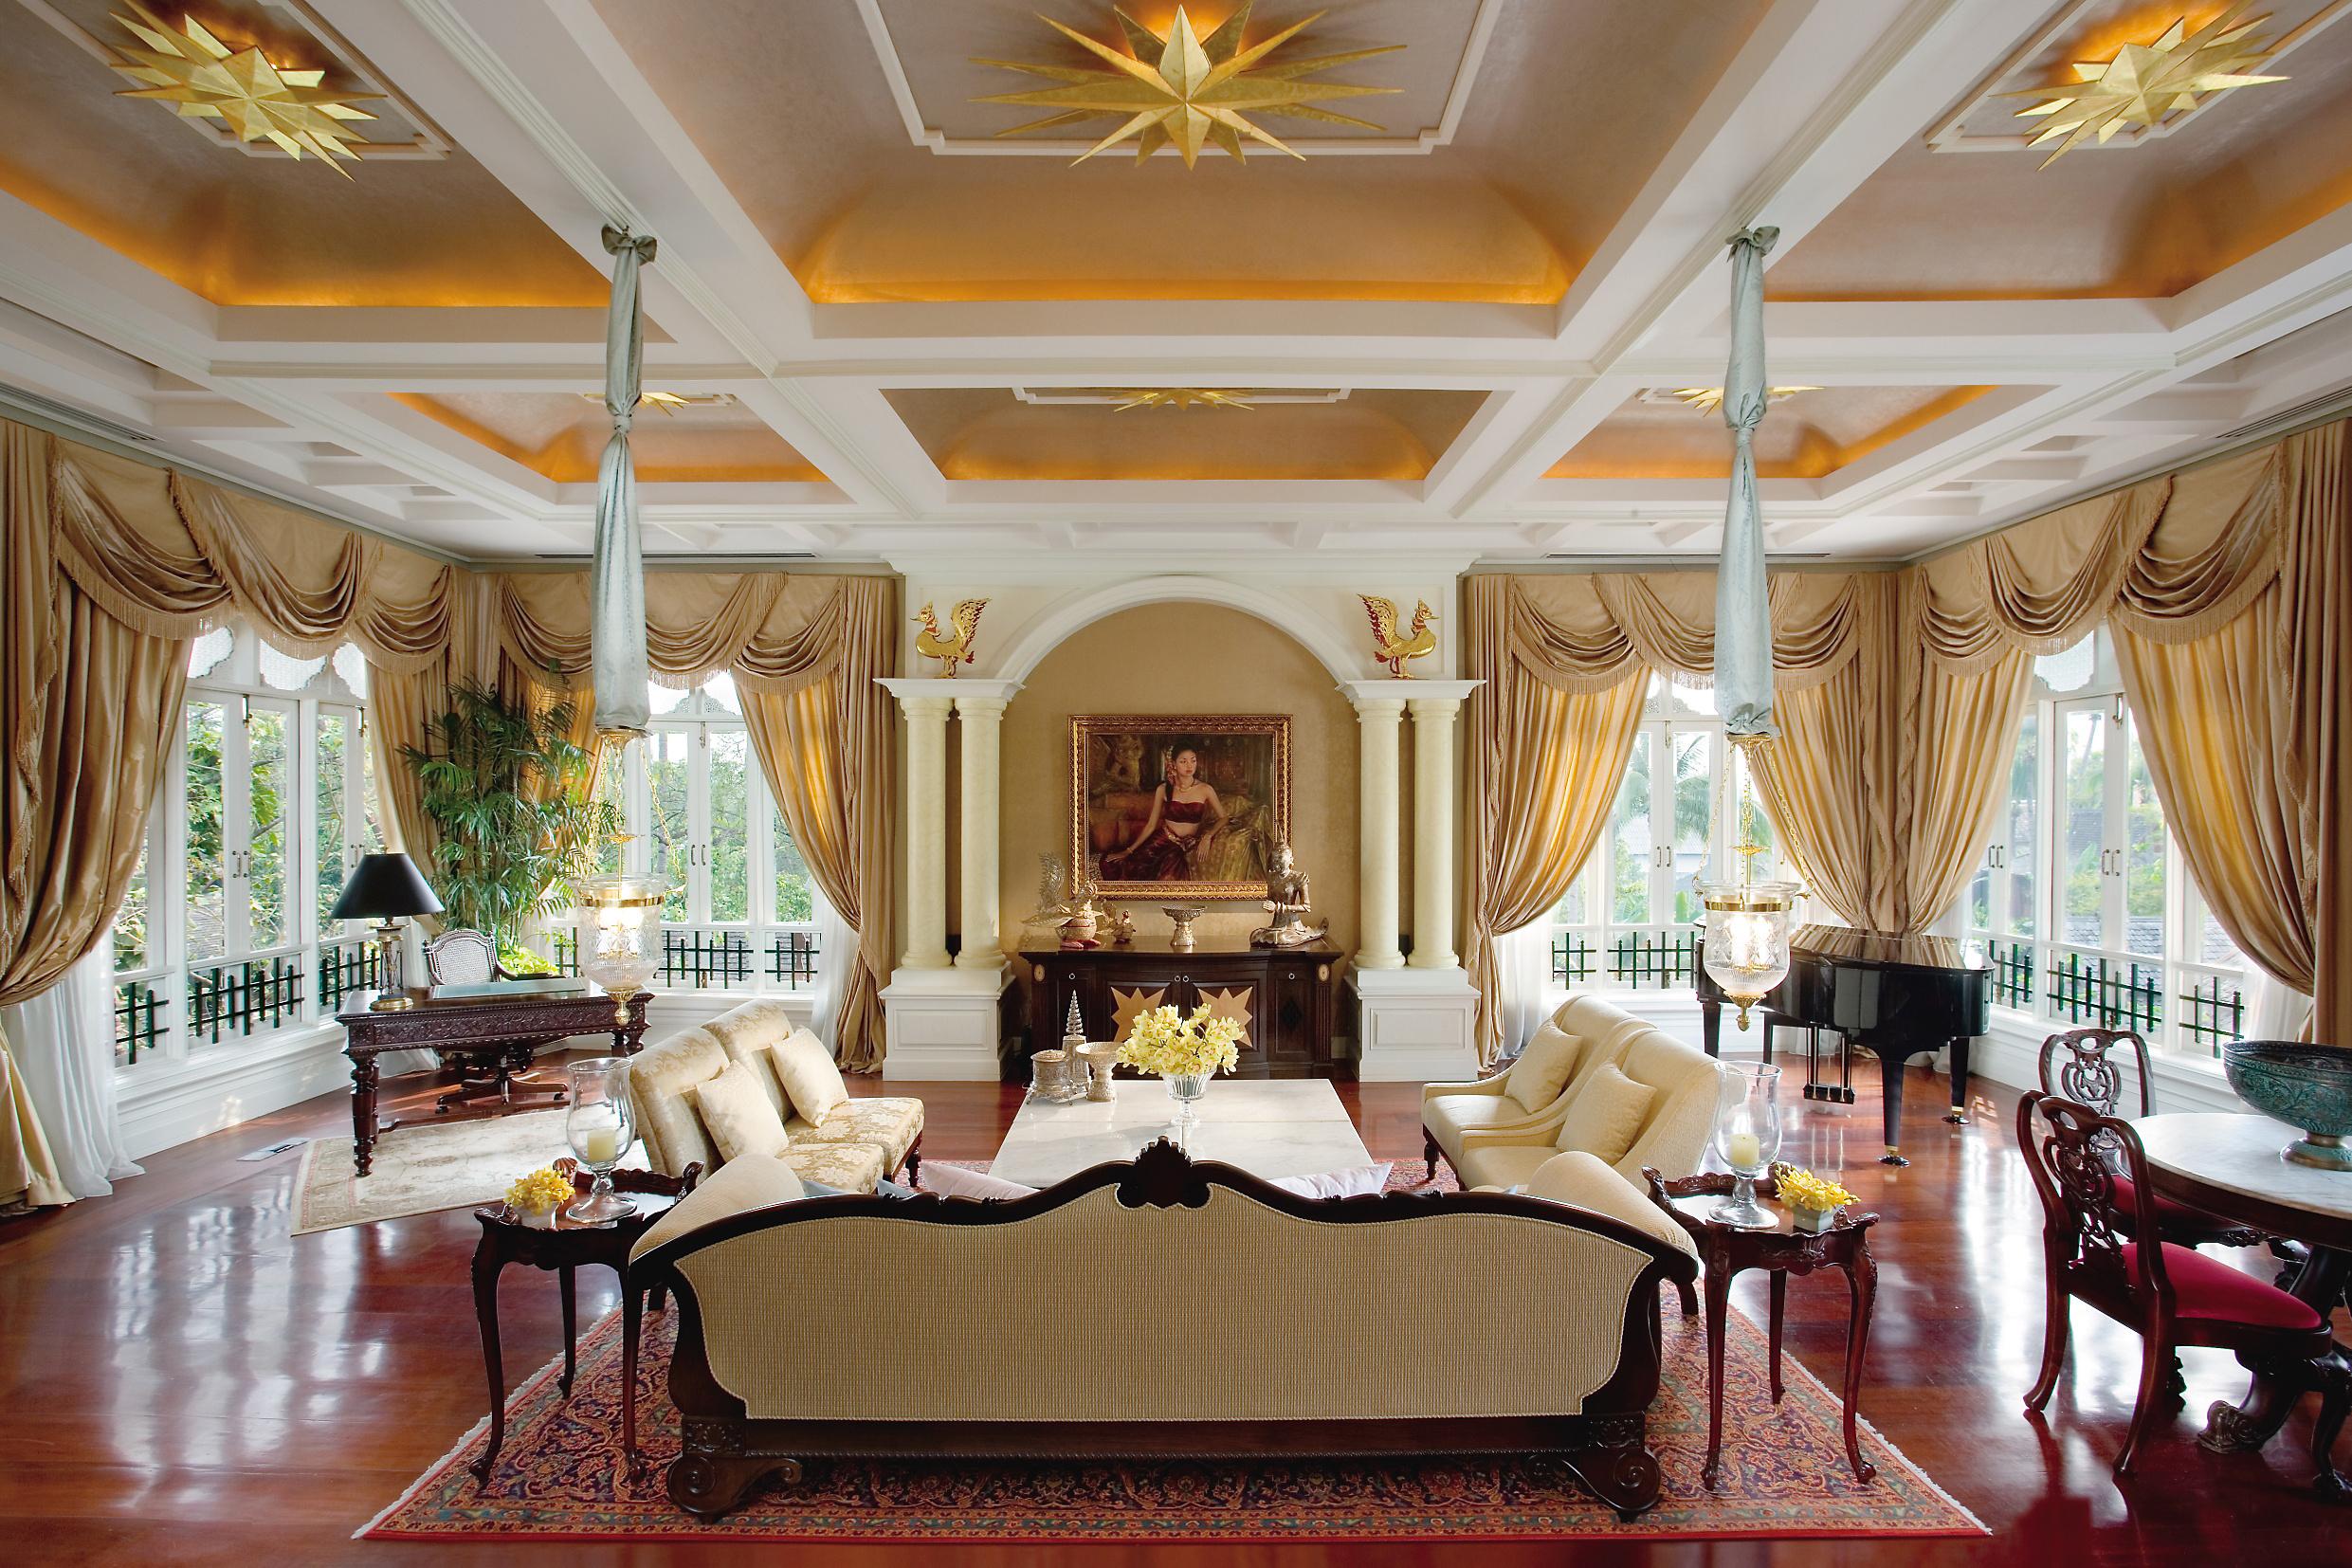 богатые дома потолок фото кондиломы шейке